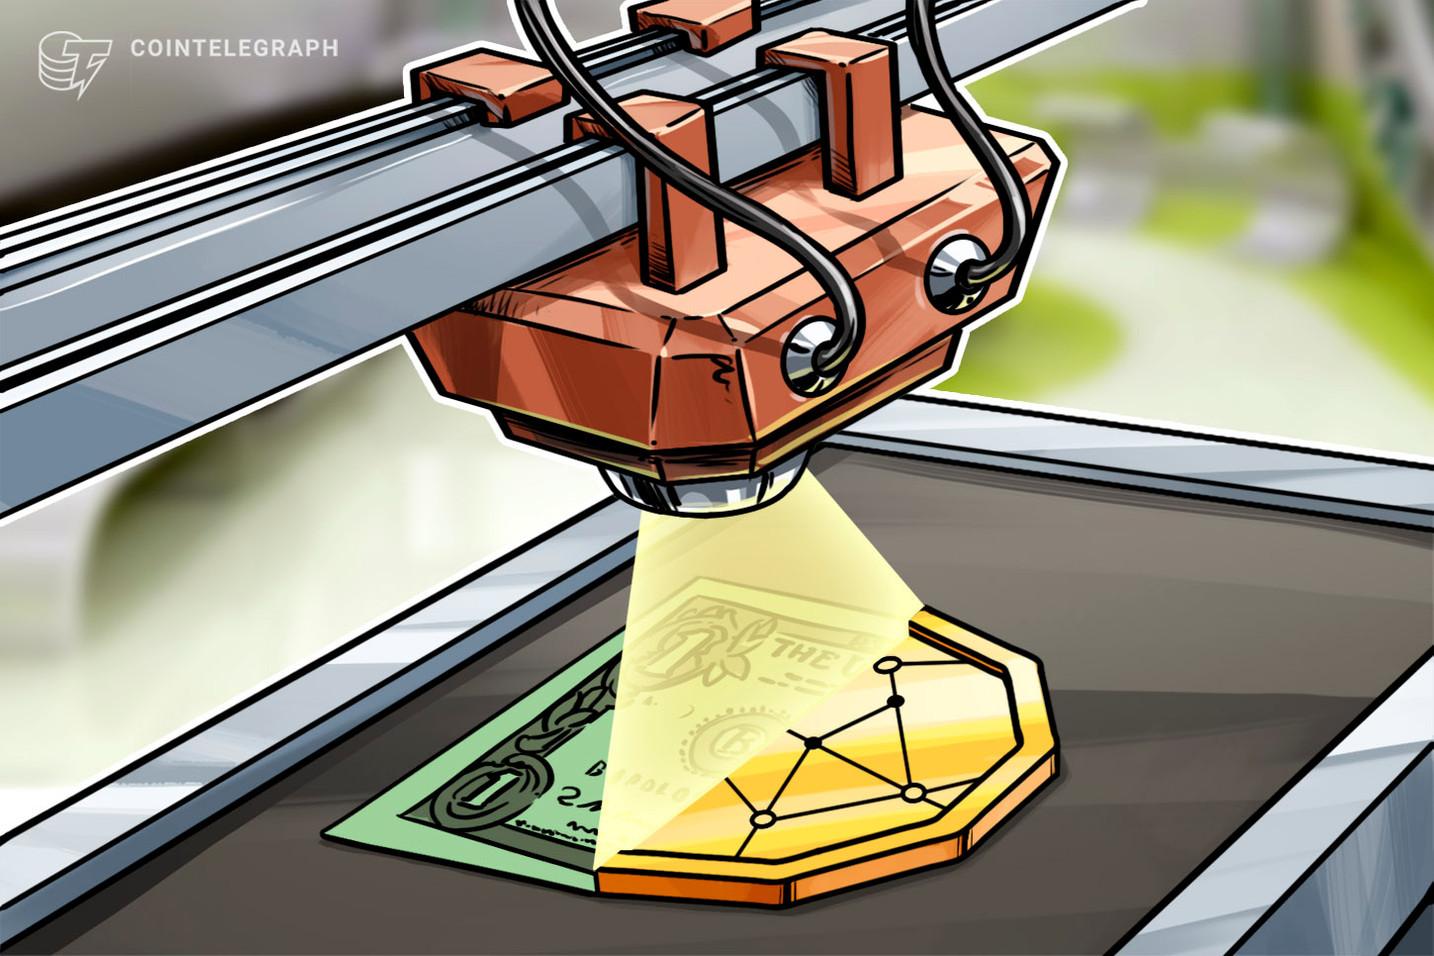 Impresión monetaria histórica, pero la inflación no sube lo suficiente.  ¿Por qué la comunidad bitcoin se equivoca tanto?